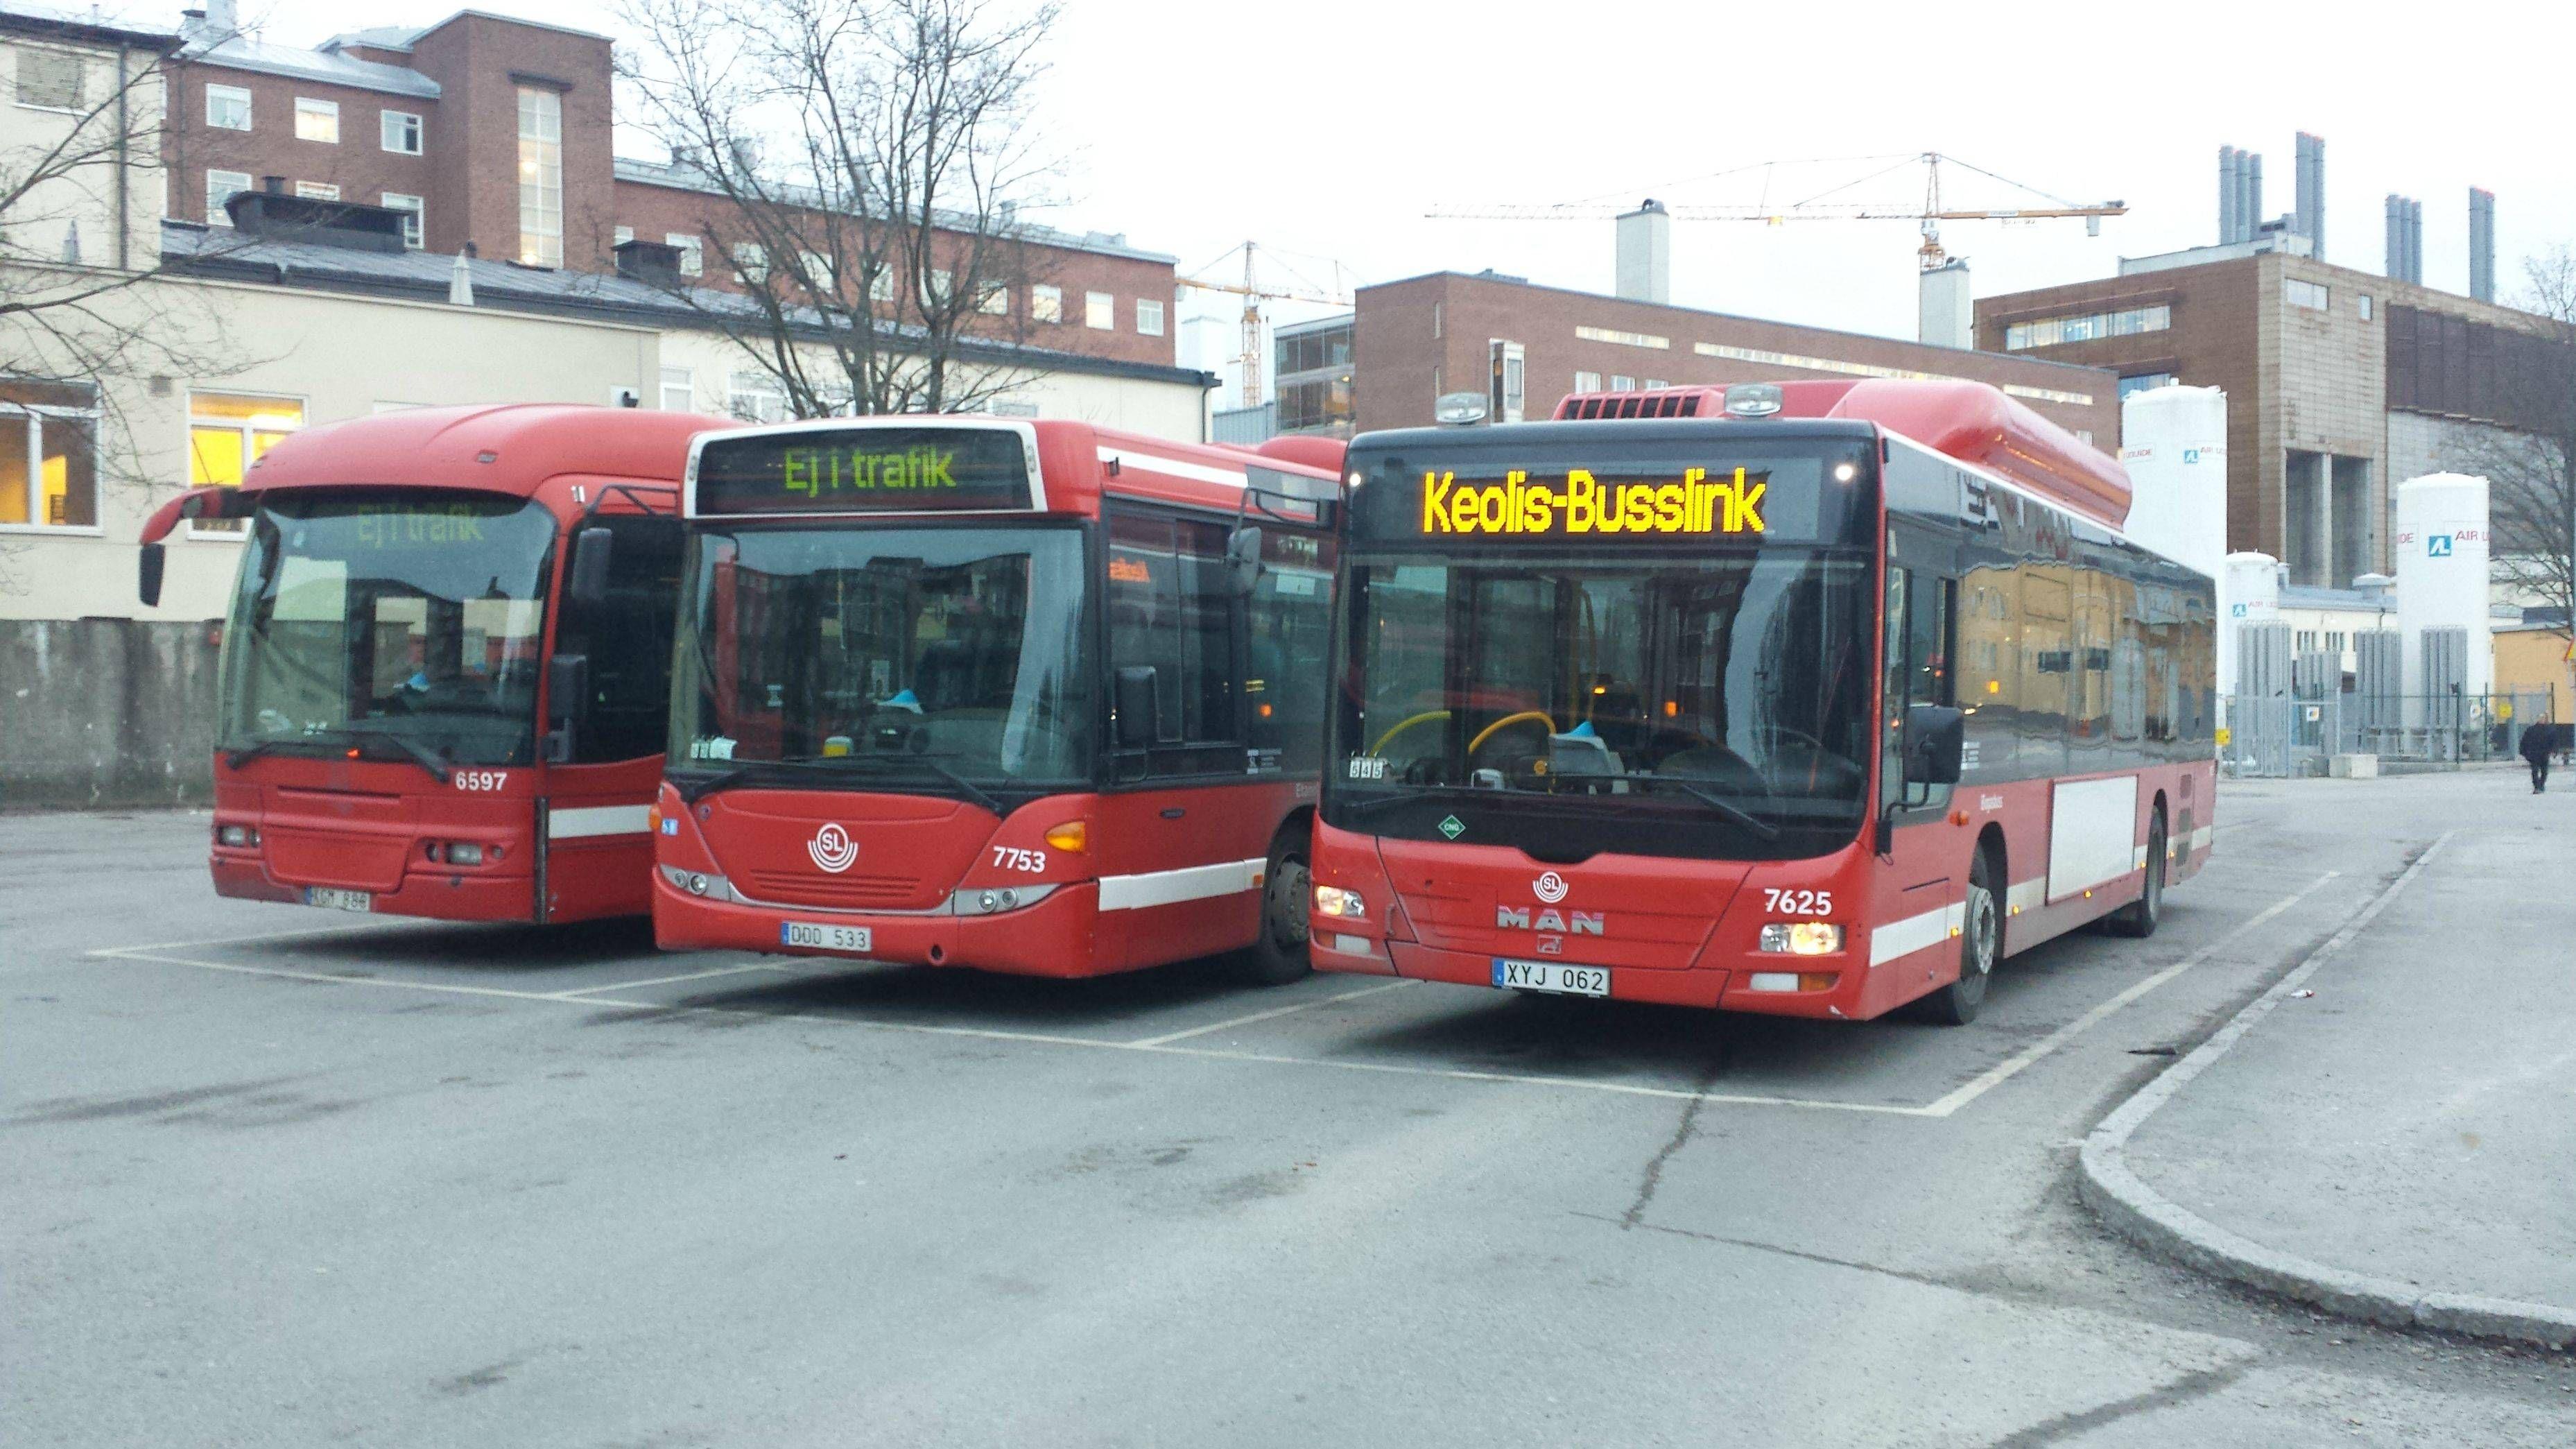 Keolis 7625 och 7753 och keolis 6597